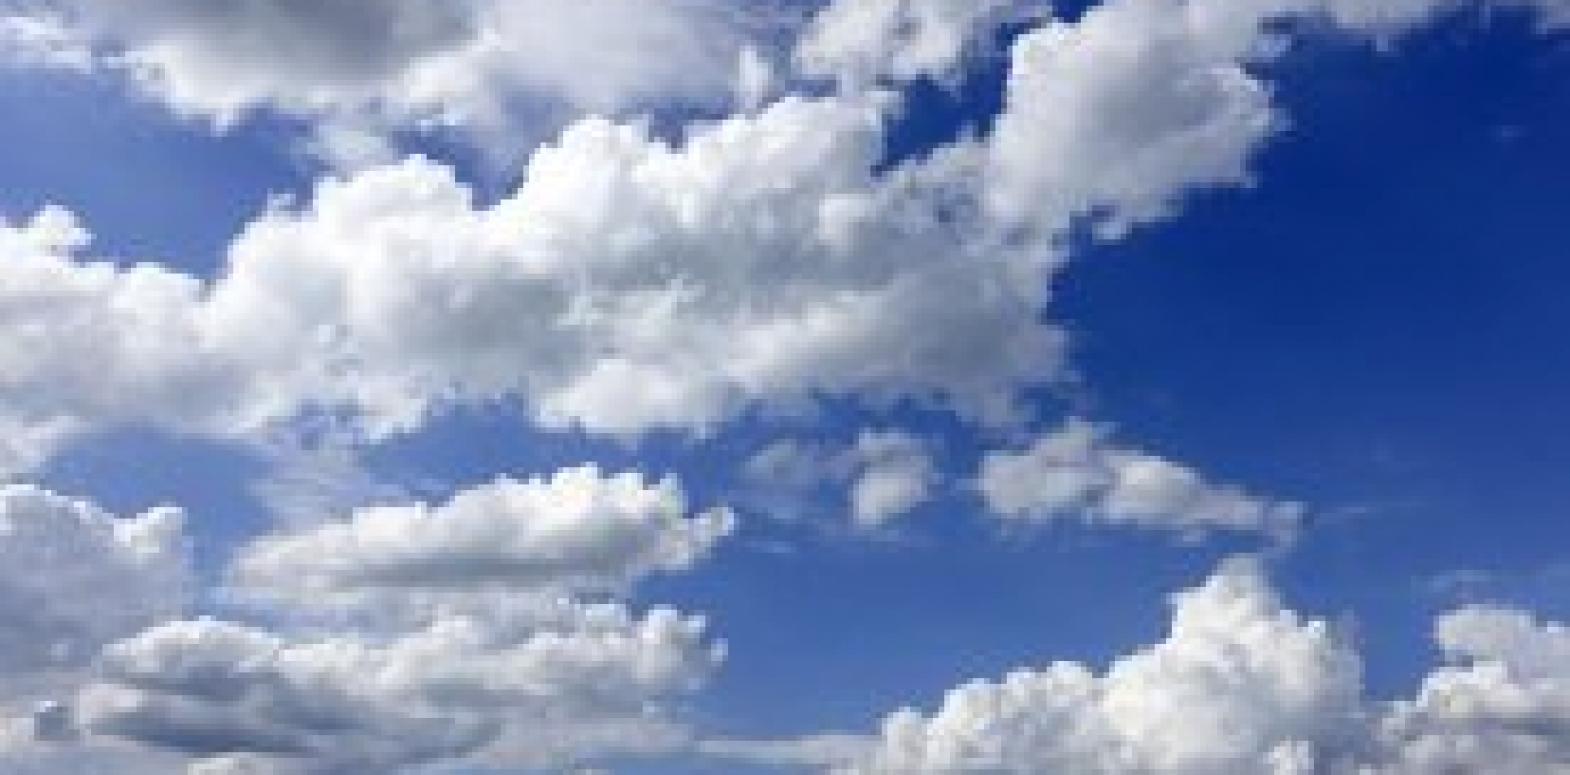 Погода на завтра: переменная облачность и до 14 градусов тепла